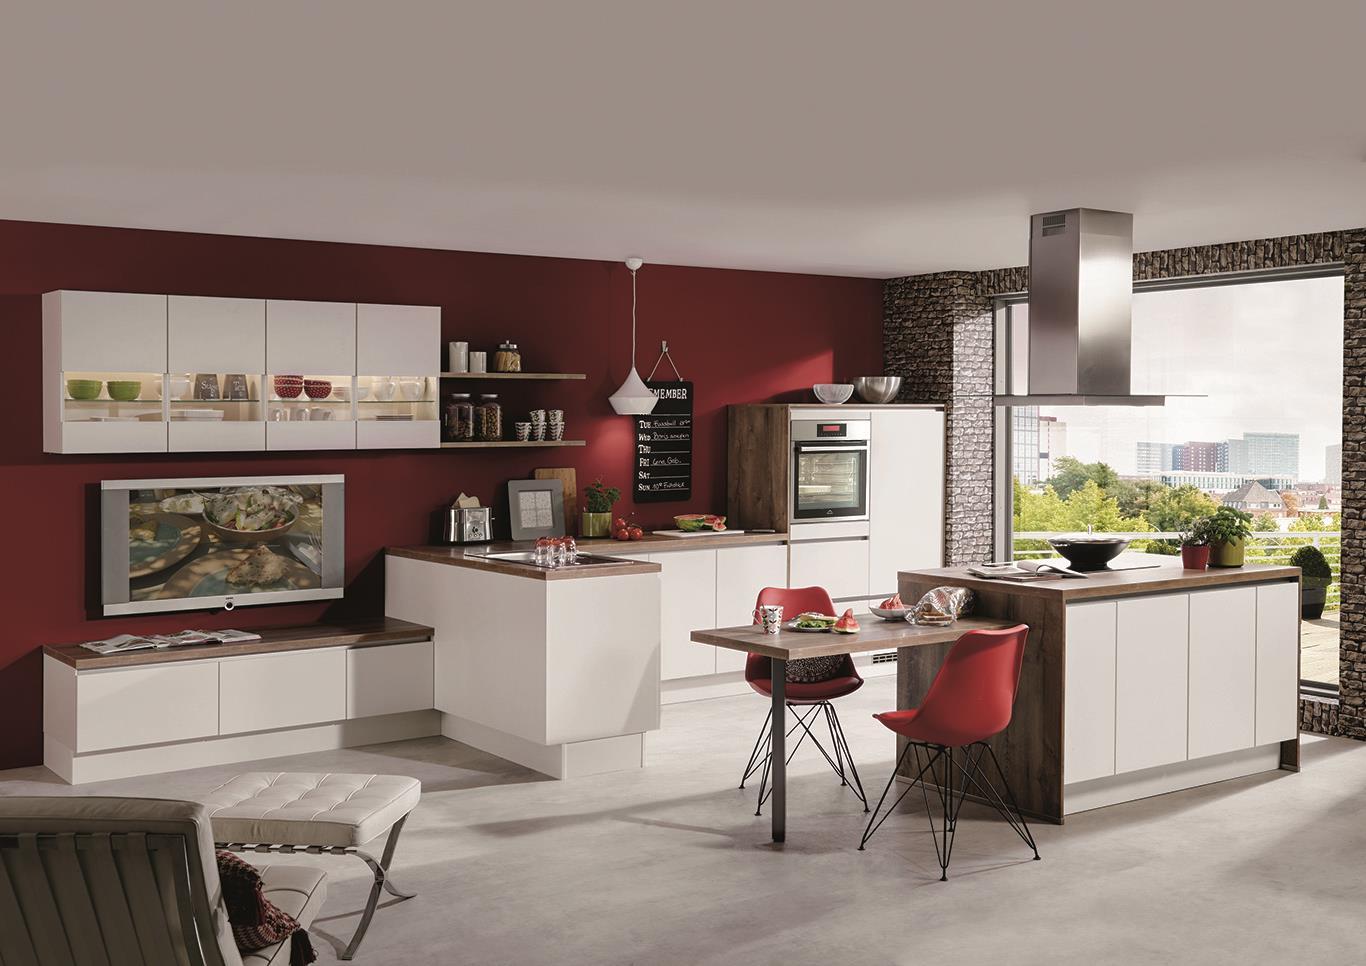 Maisons + Terrains du constructeur HABITAT CONCEPT • 94 m² • GIVENCHY EN GOHELLE